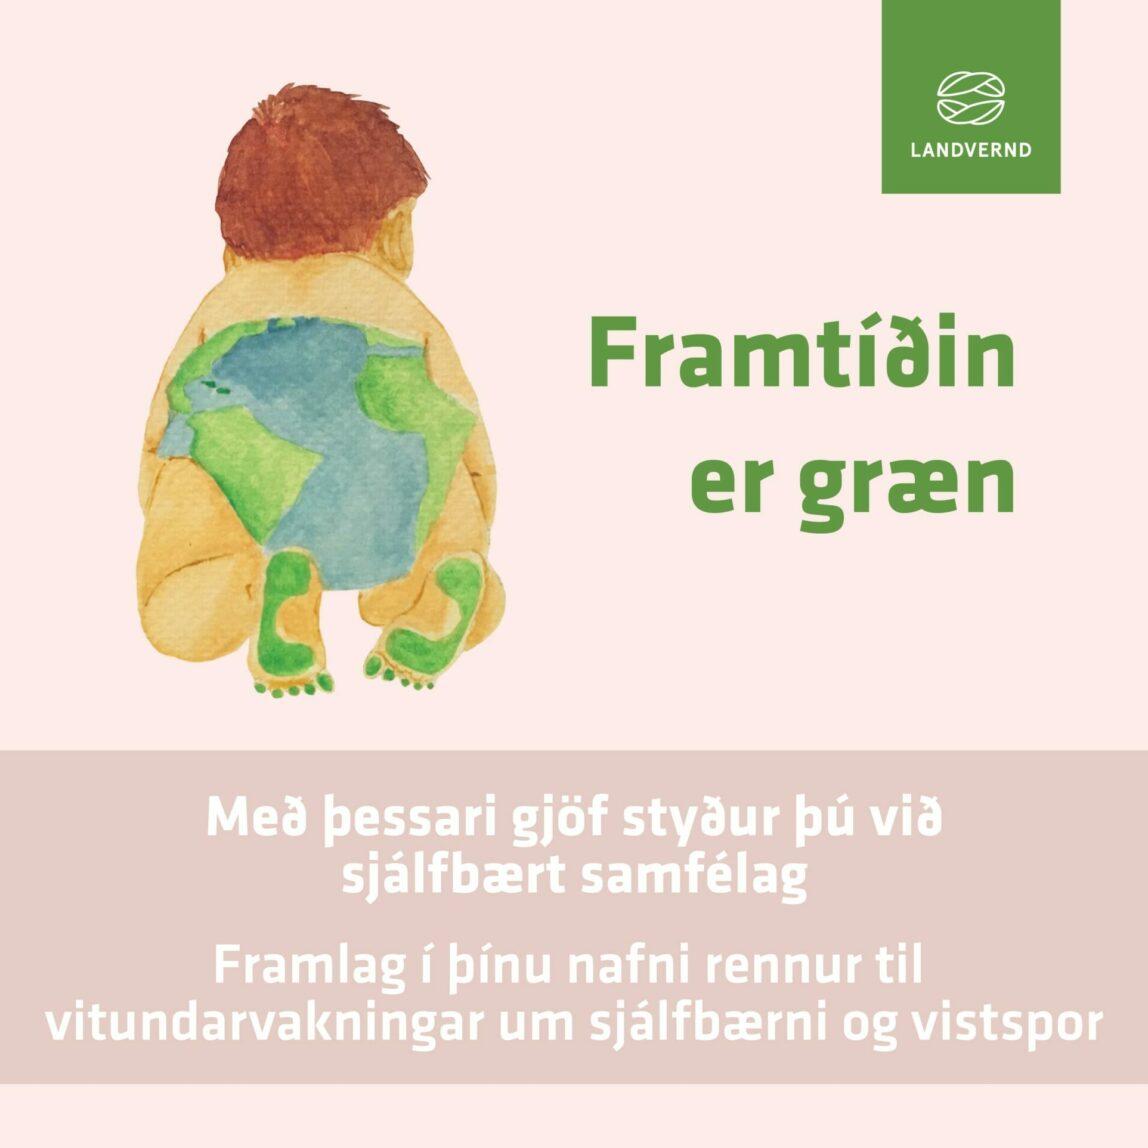 Gefðu gjöf sem styður við græna framtíð, gjafabréf Landverndar minnkar vistsporið, landvernd.is